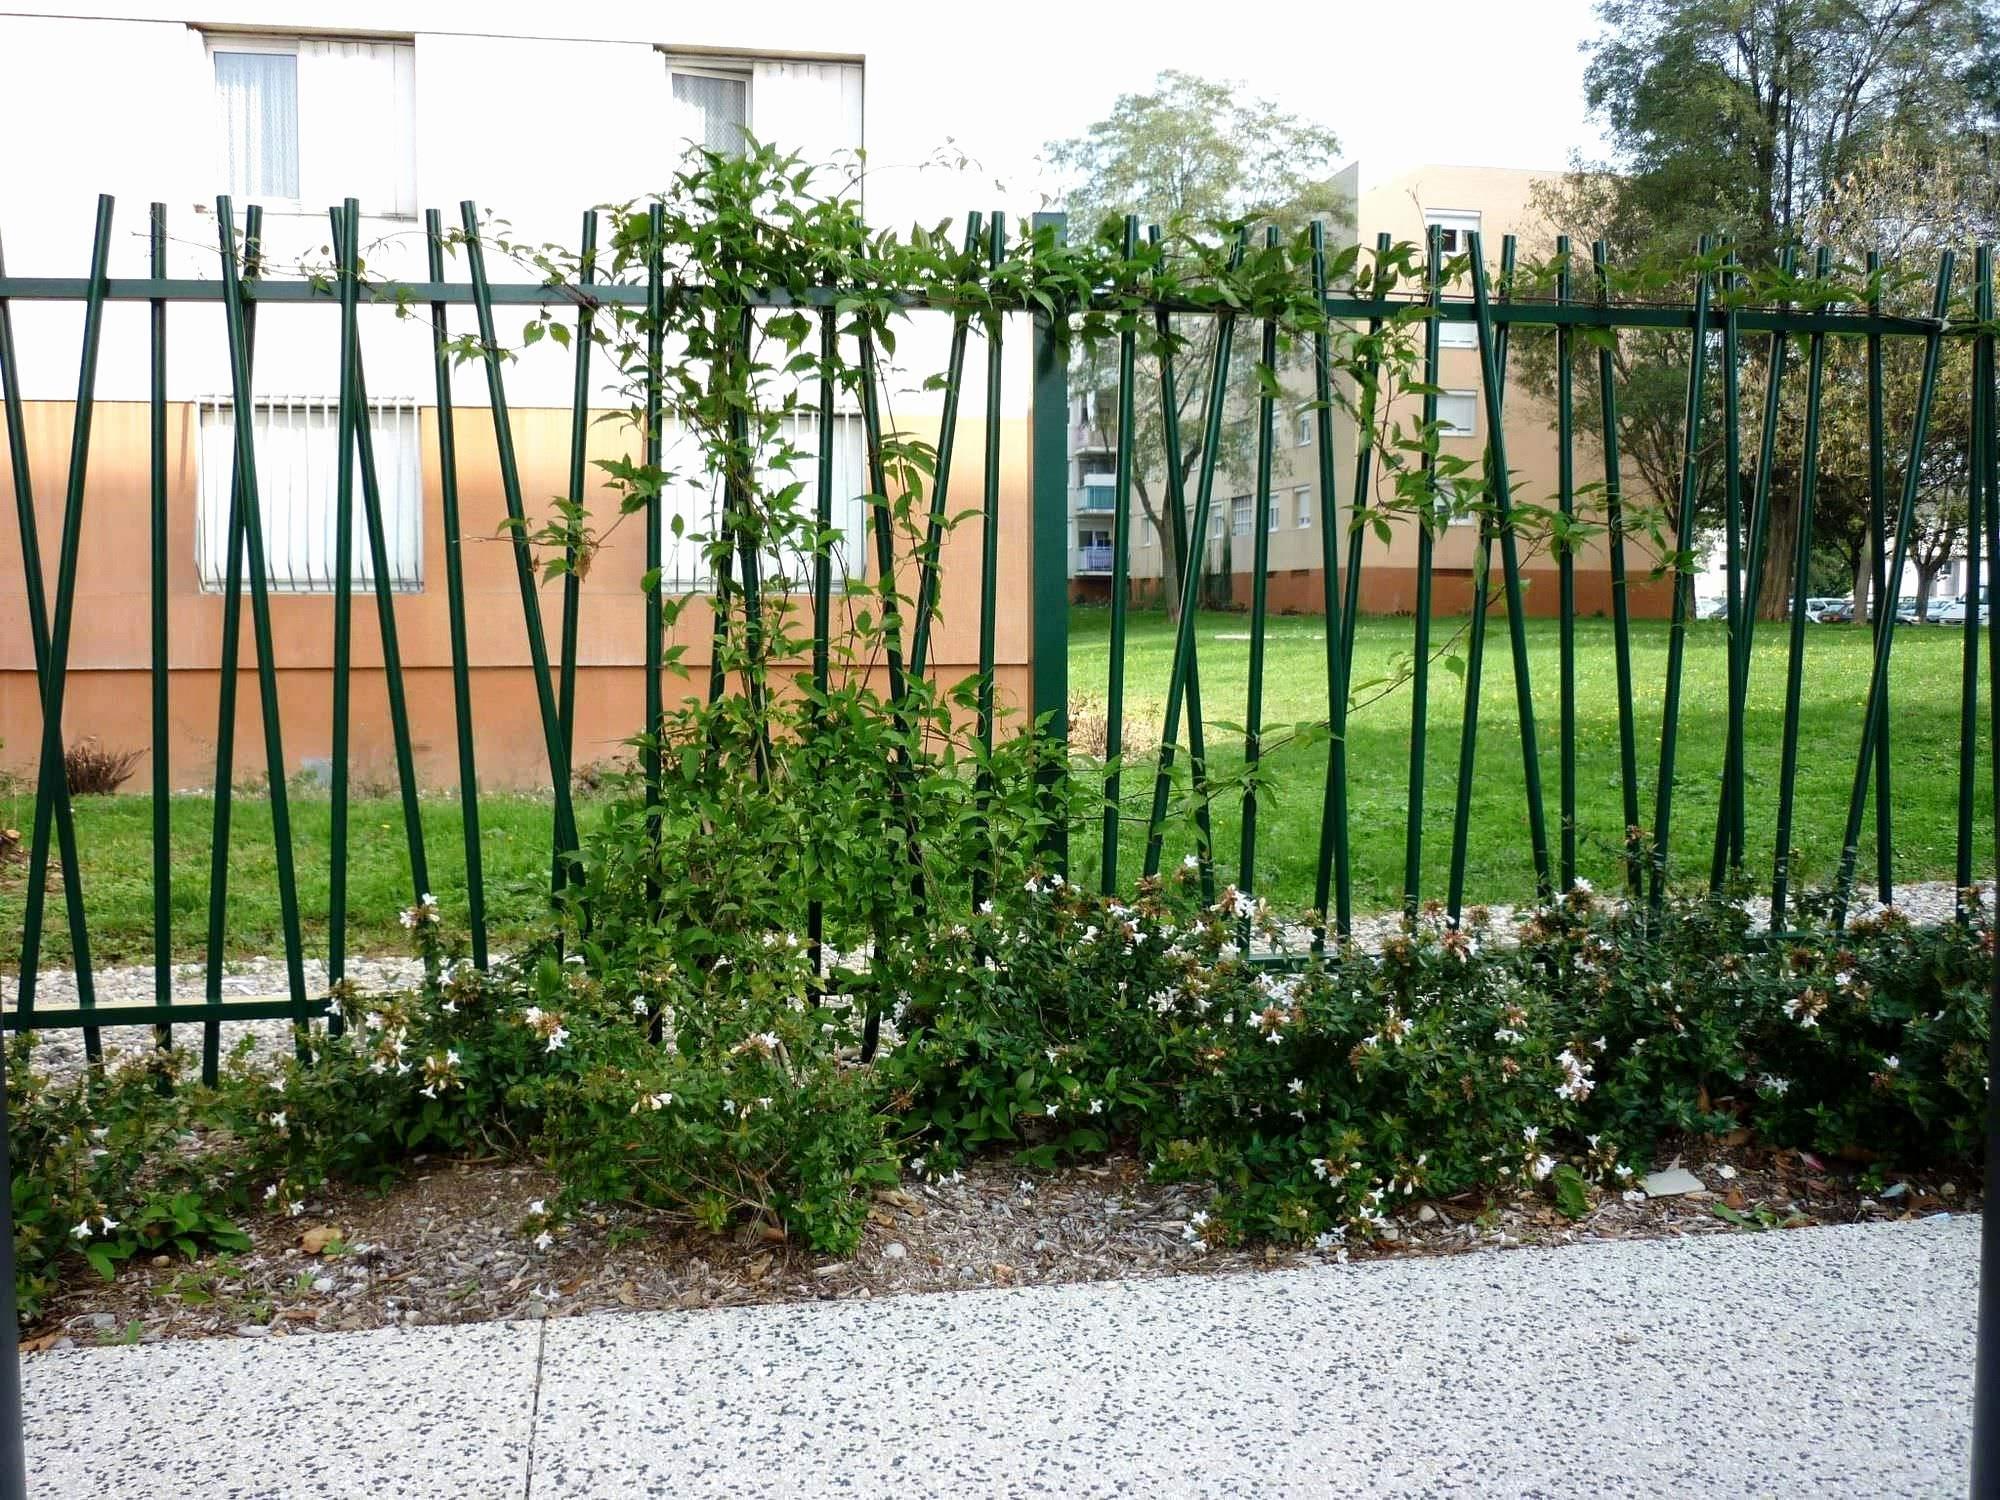 Barriere Jardin Castorama Nouveau Stock Abri Jardin En Bois Nouveau Cabane De Jardin originale Cloture